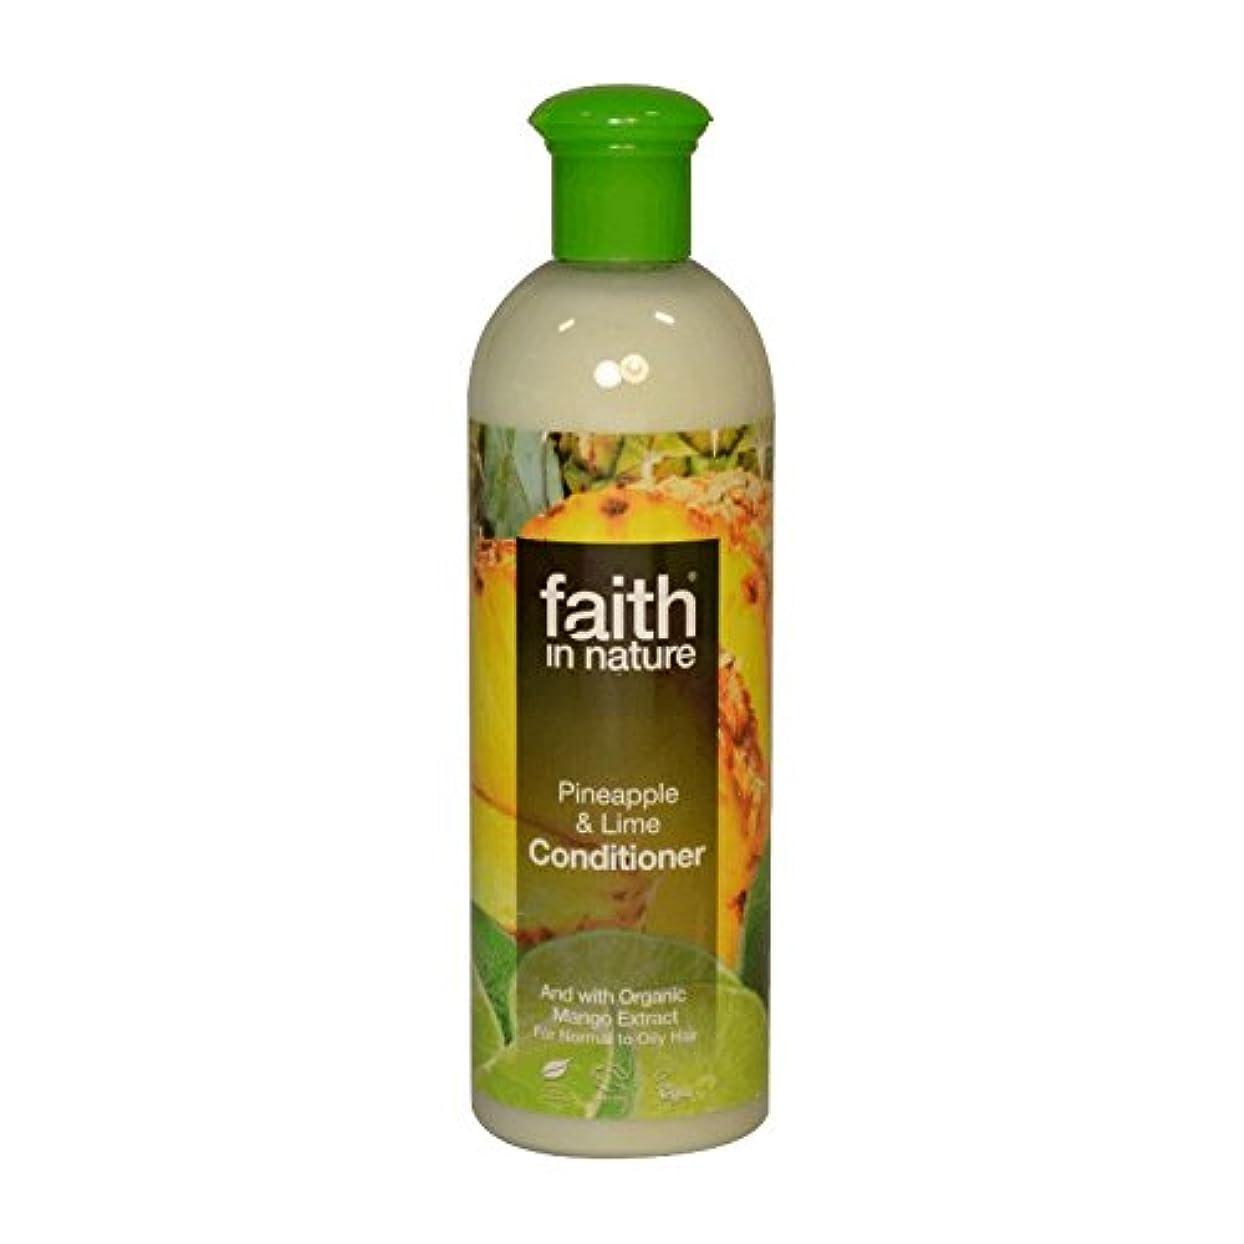 条件付き咽頭電話する自然パイナップル&ライムコンディショナー400ミリリットルの信仰 - Faith in Nature Pineapple & Lime Conditioner 400ml (Faith in Nature) [並行輸入品]